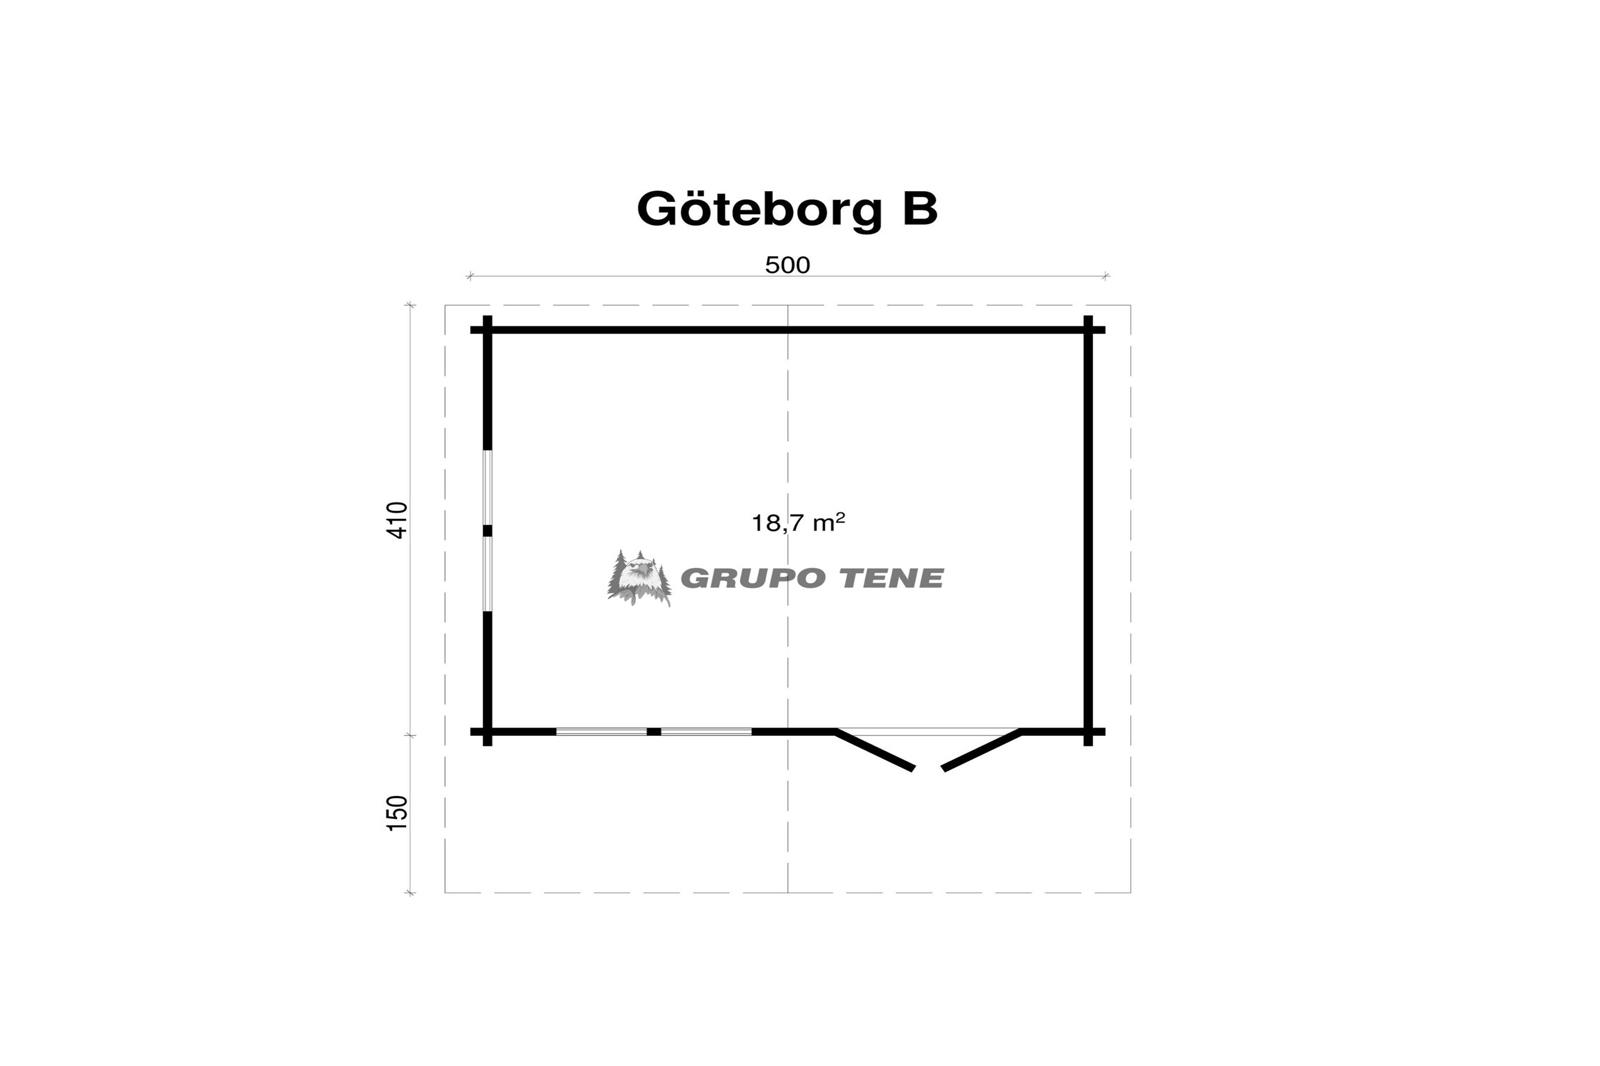 plano goteborg b